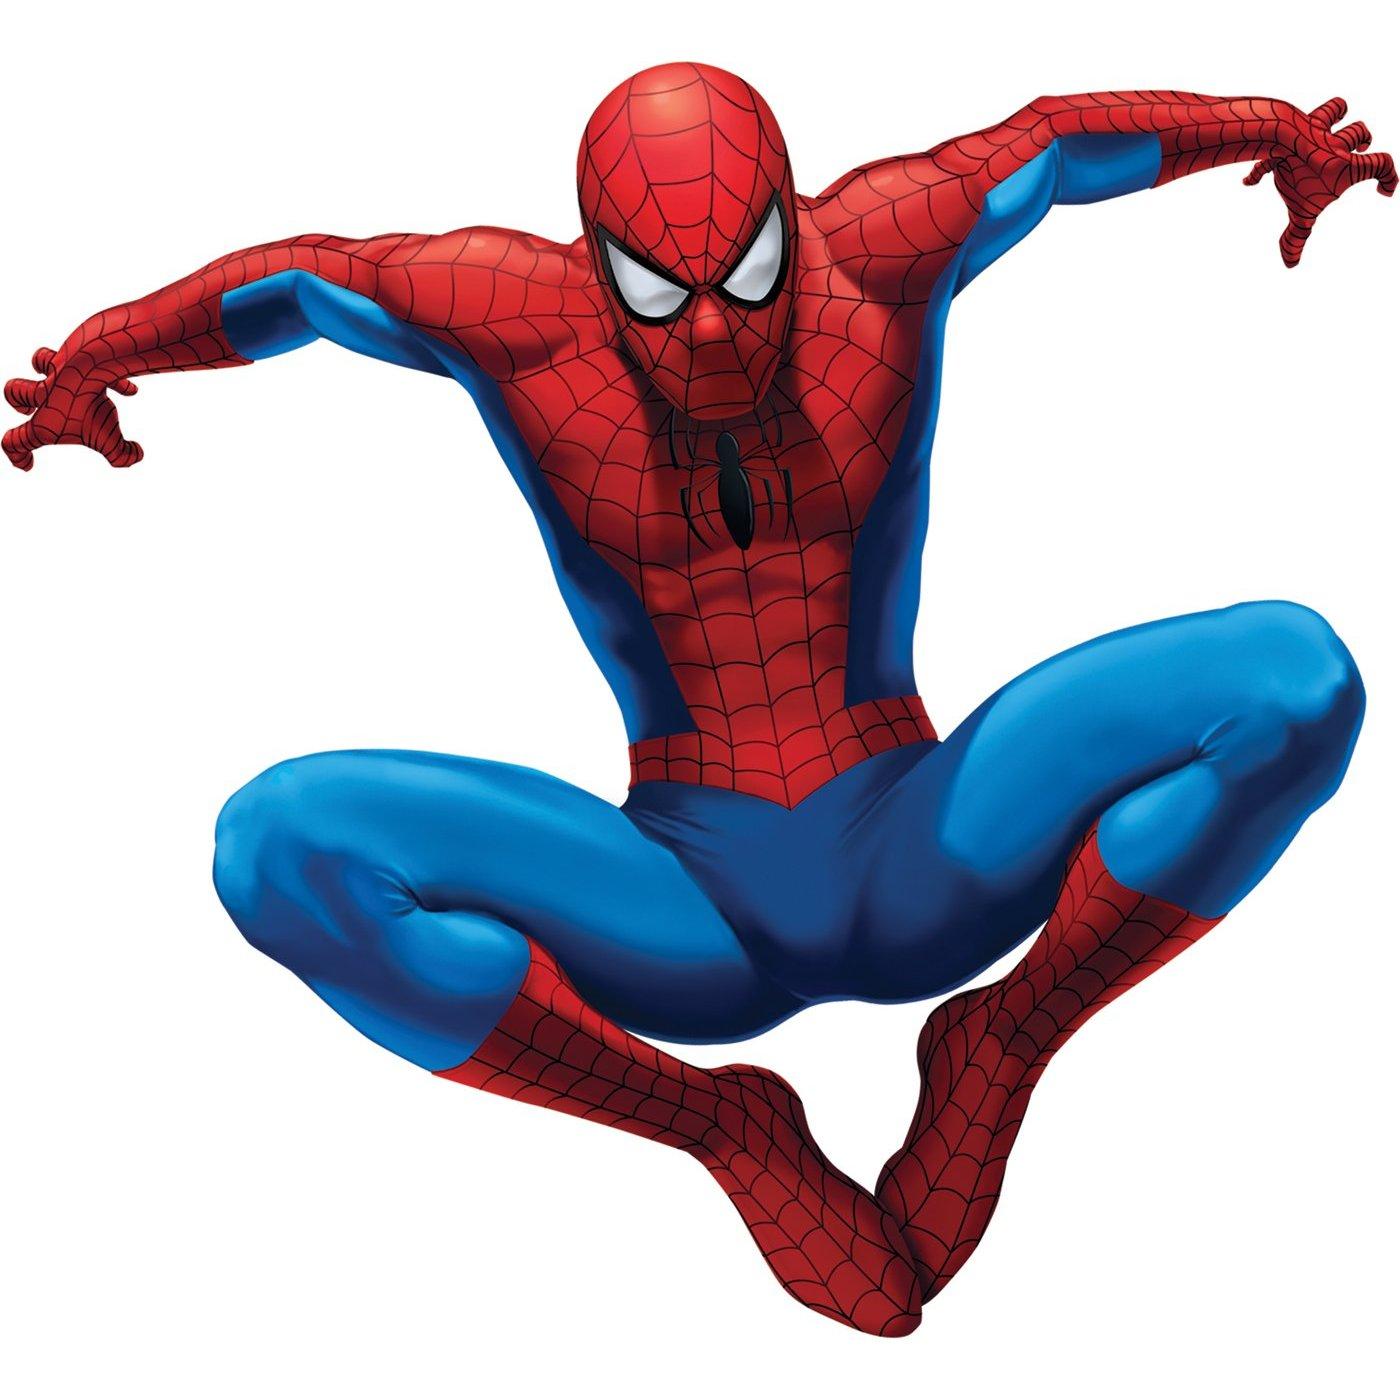 Dibujos De Spiderman Faciles Para Dibujar